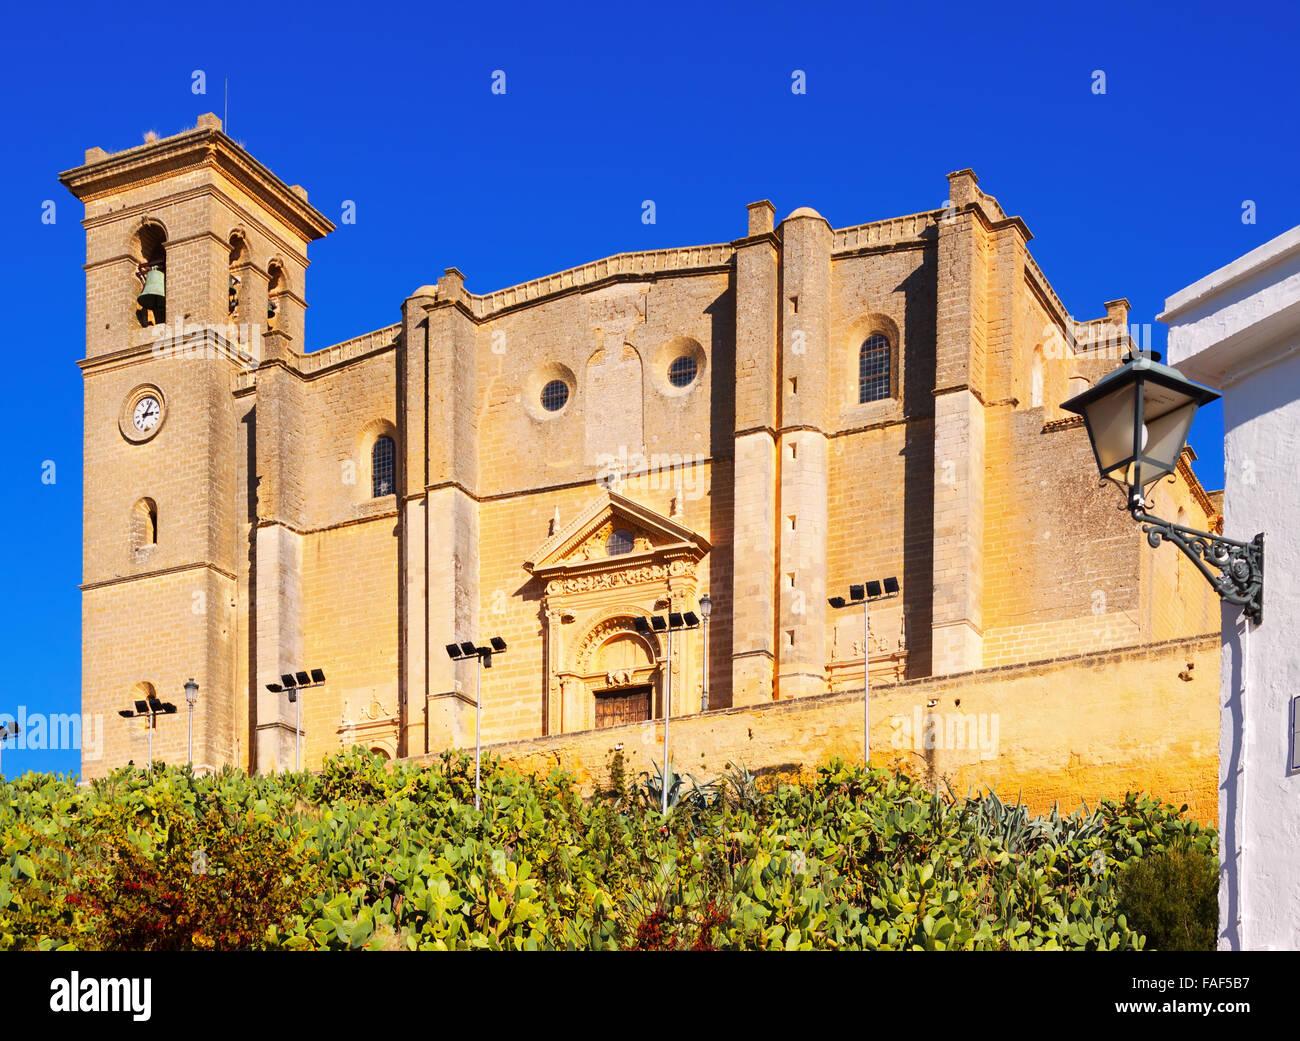 El monasterio y la iglesia colegial de Osuna. España Imagen De Stock